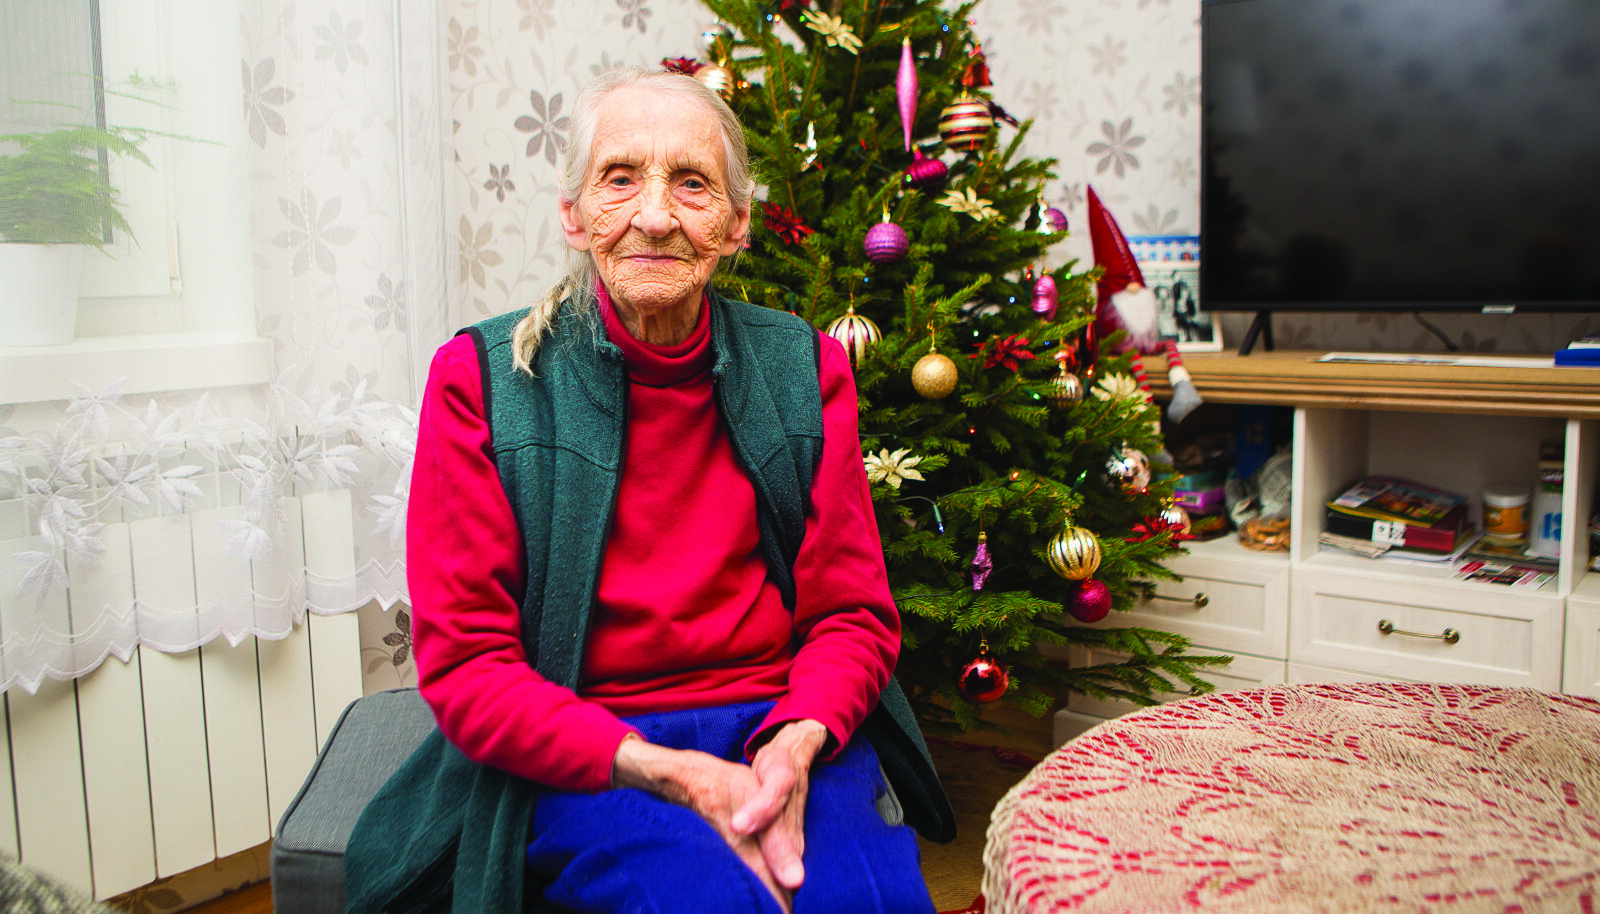 Valentina Võit pidas täna oma 100. sünnipäeva.